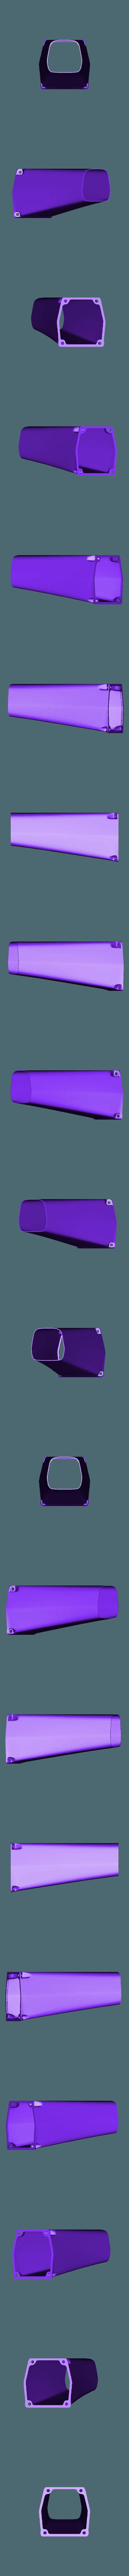 Fuselage_E.STL Télécharger fichier STL gratuit UAV/FPV Avion imprimé 3D (drone) • Objet imprimable en 3D, poodyfaisal